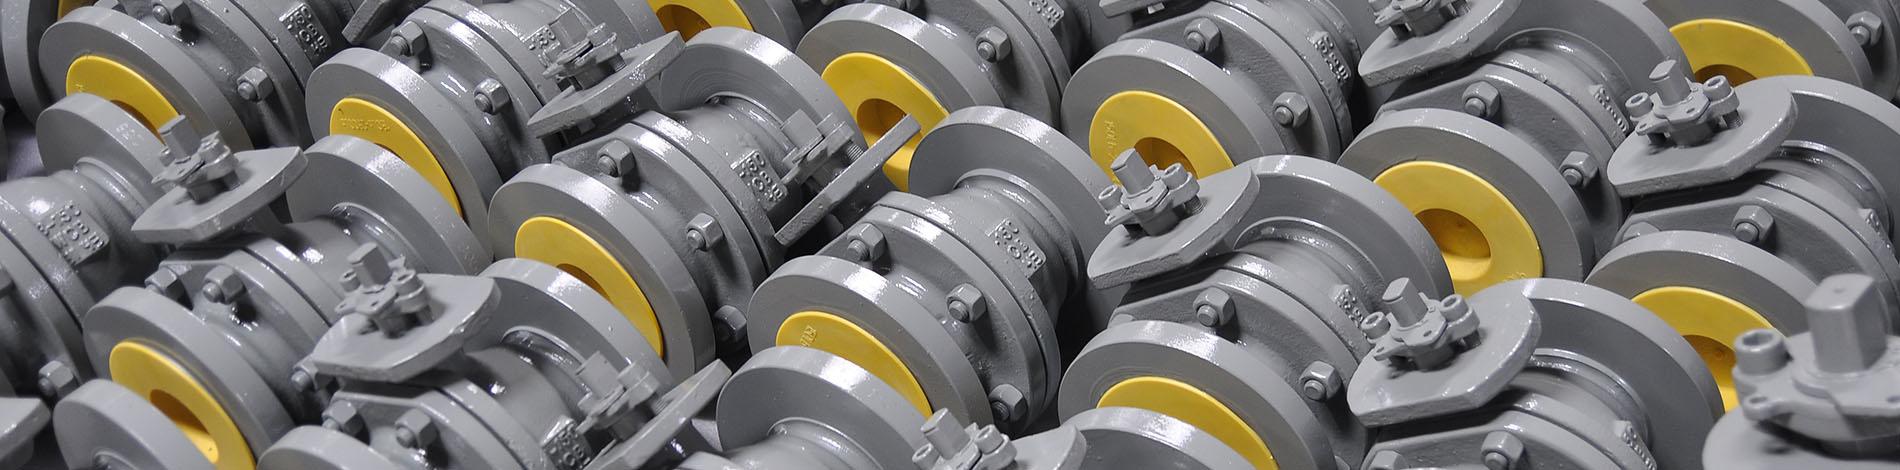 Stahlguss Kugelhähne mit ISO TOP Aufbauflansch